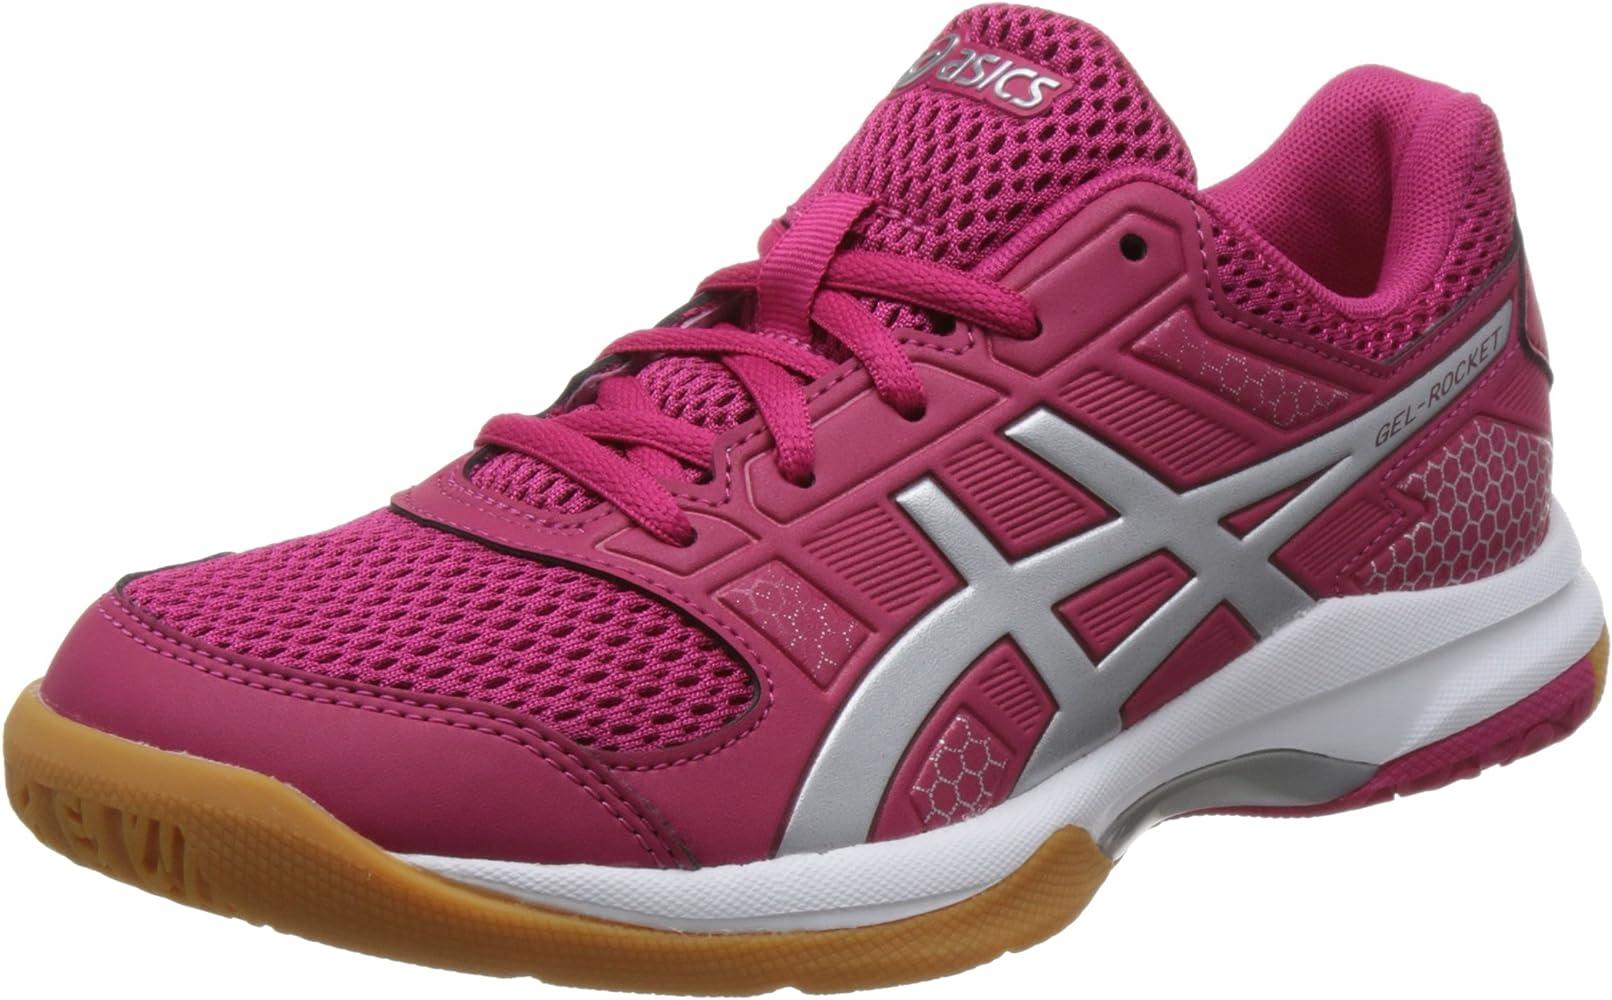 ASICS Gel Rocket 8, Zapatillas de Voleibol para Mujer